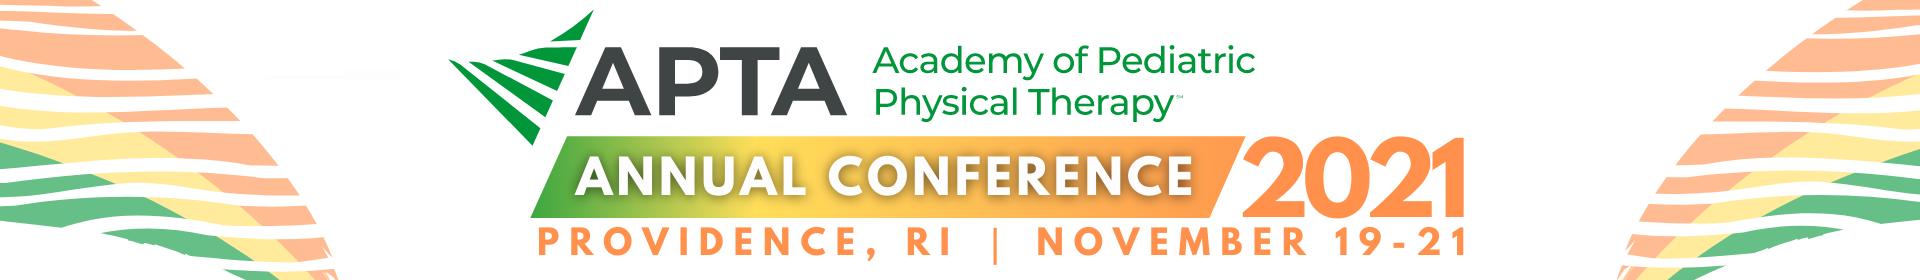 APTA Pediatrics Annual Conference 2021 Event Banner